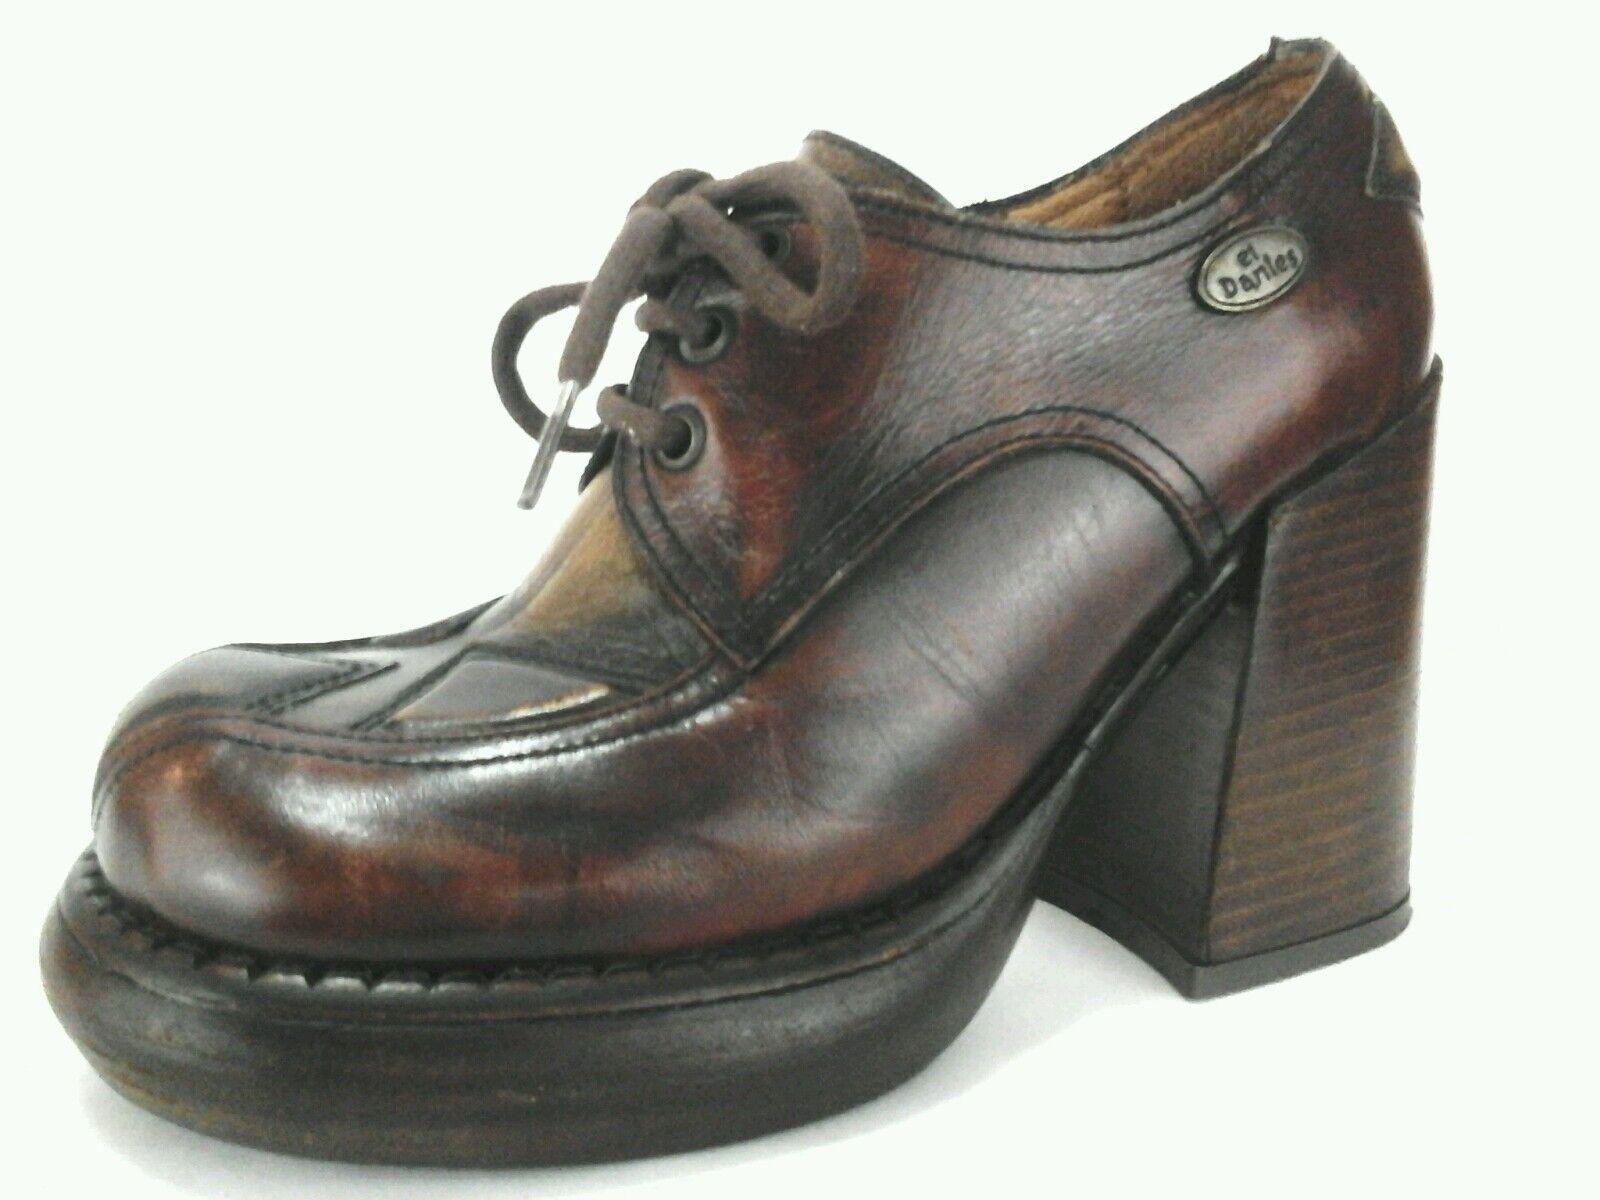 EL DANTES platform shoes boots brown leather oxfords size 36/37 US 7 M RARE